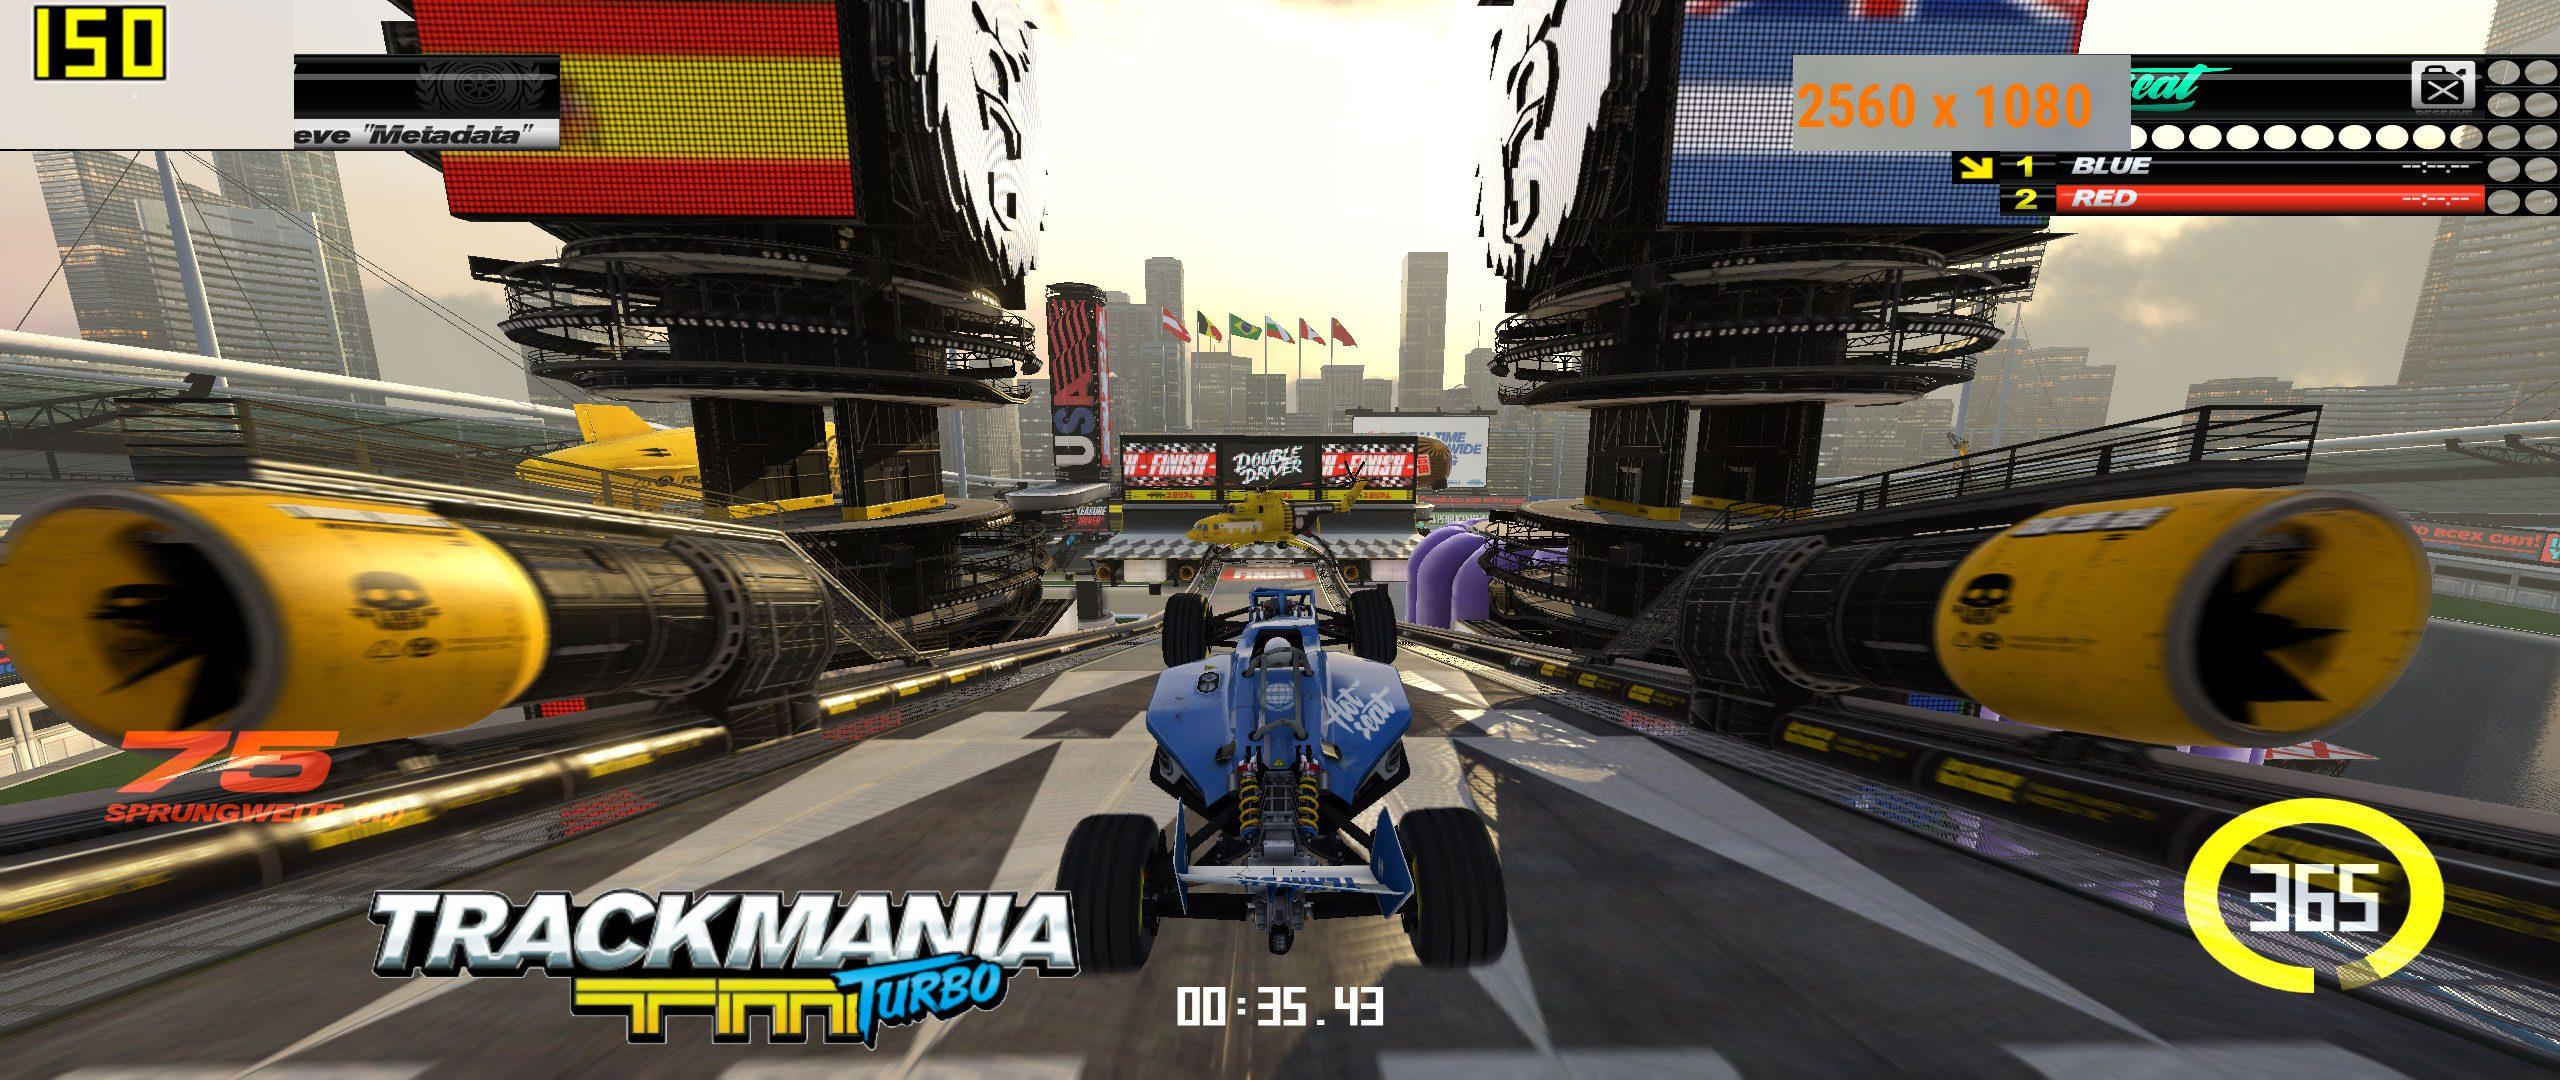 Schenker-XMG-A517-dxf_Games-Monitor_2